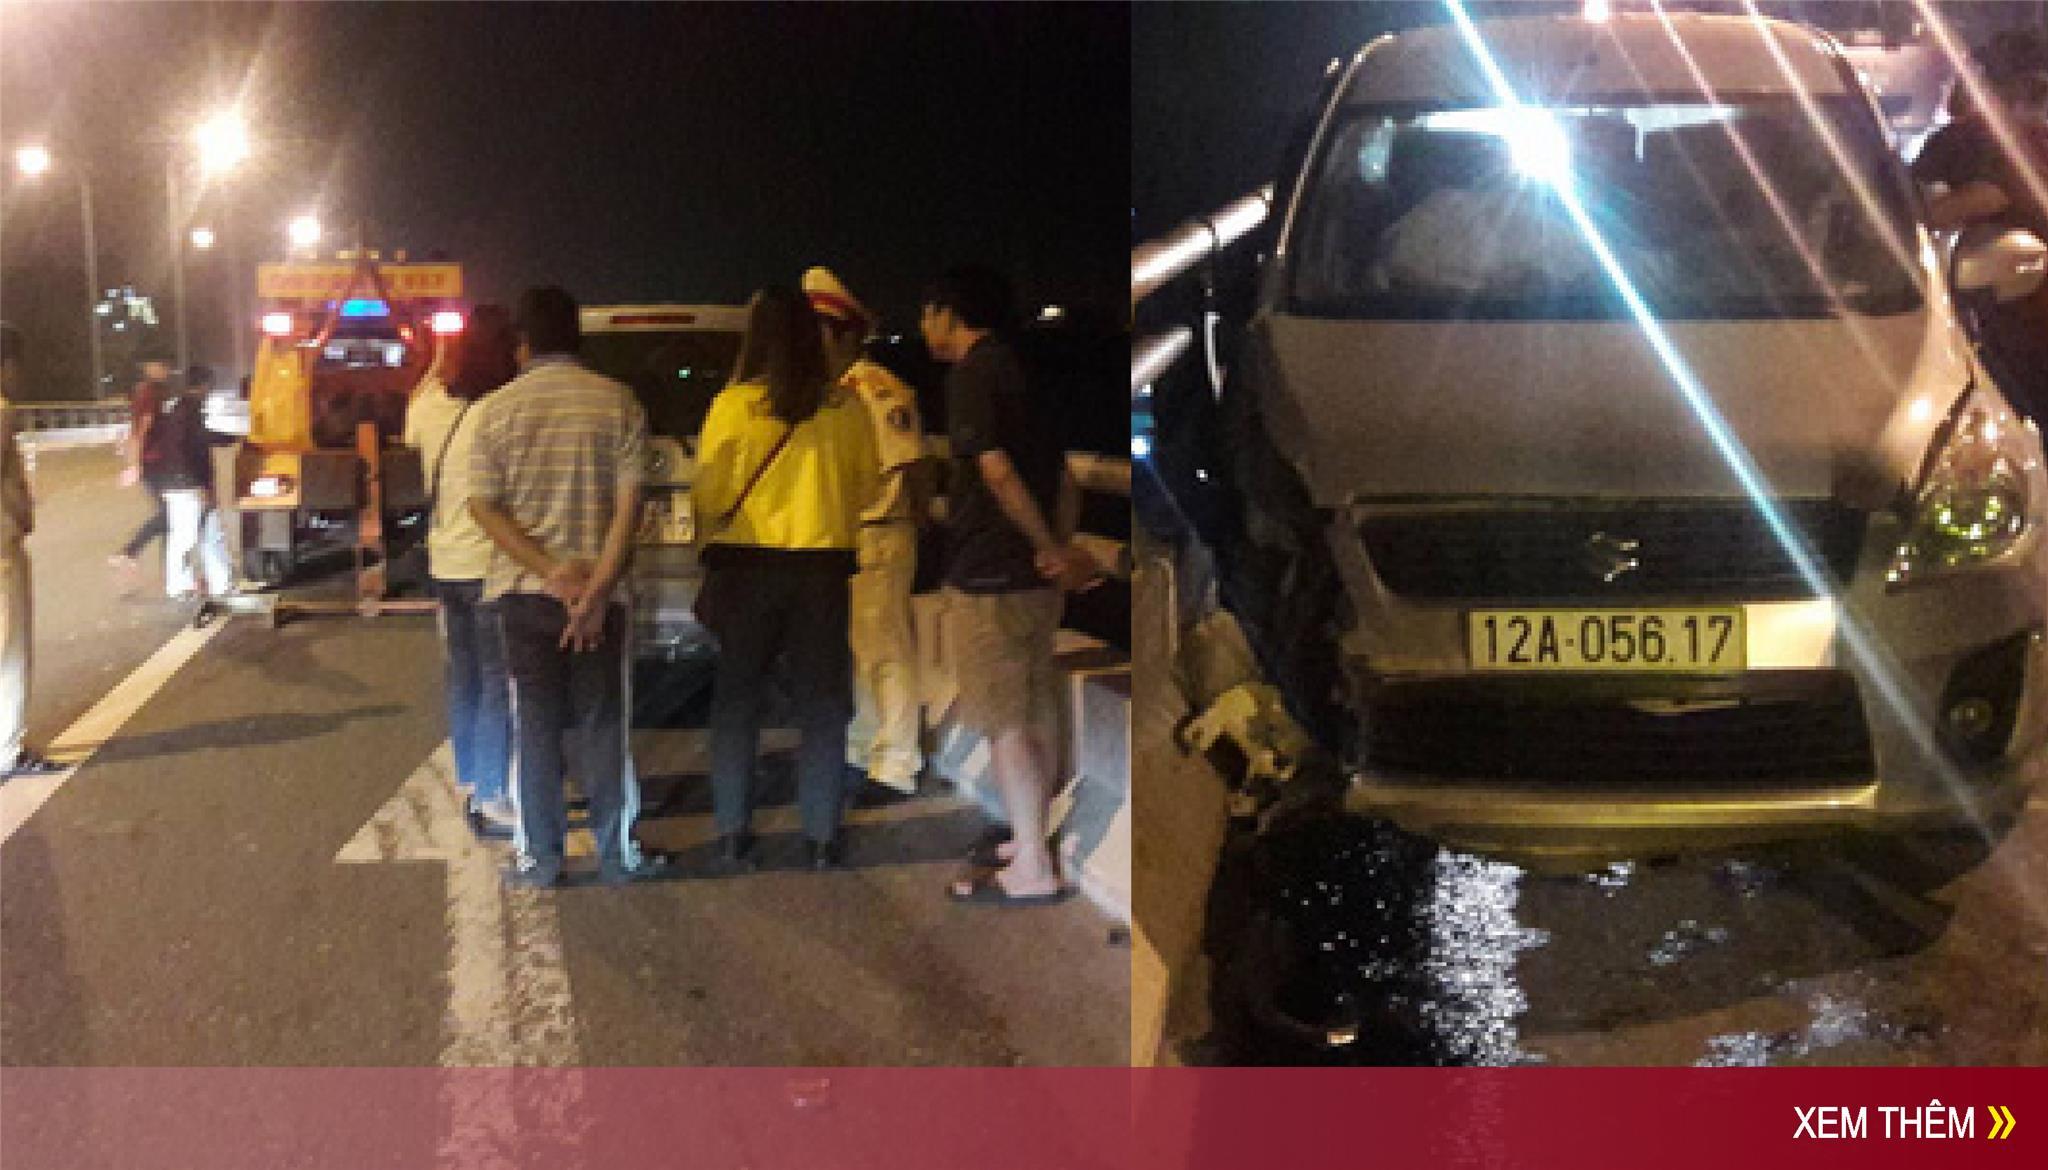 CỰC NÓNG: Người đàn ông Lạng Sơn lái ô tô tông vào thành cầu rồi nhảy sông tự tử